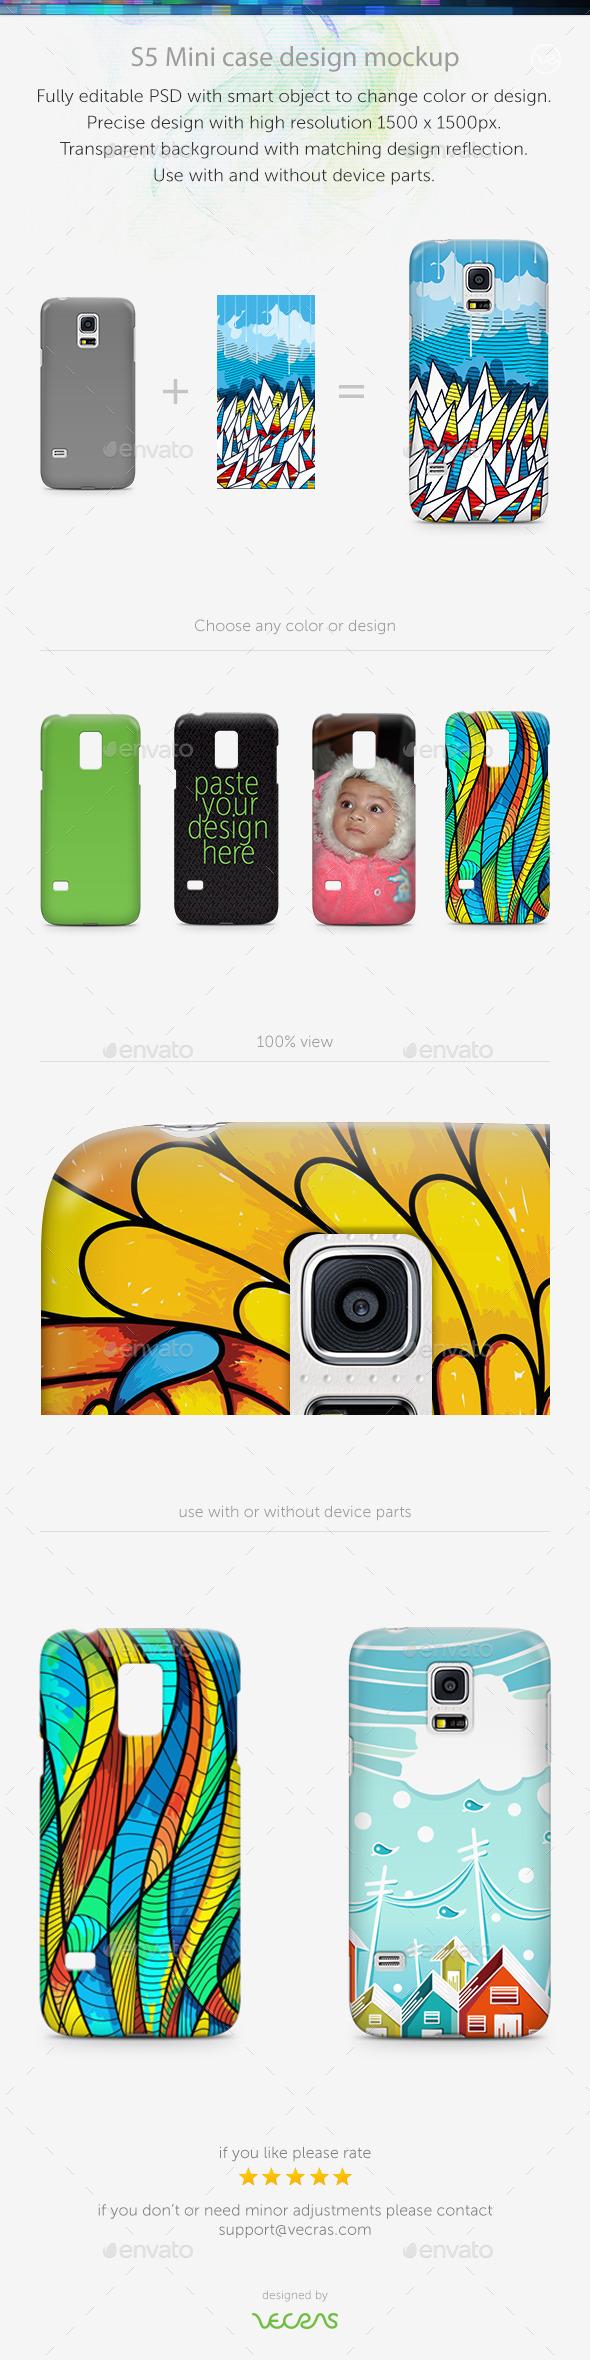 GraphicRiver S5 mini Case Design Mockup 9694015